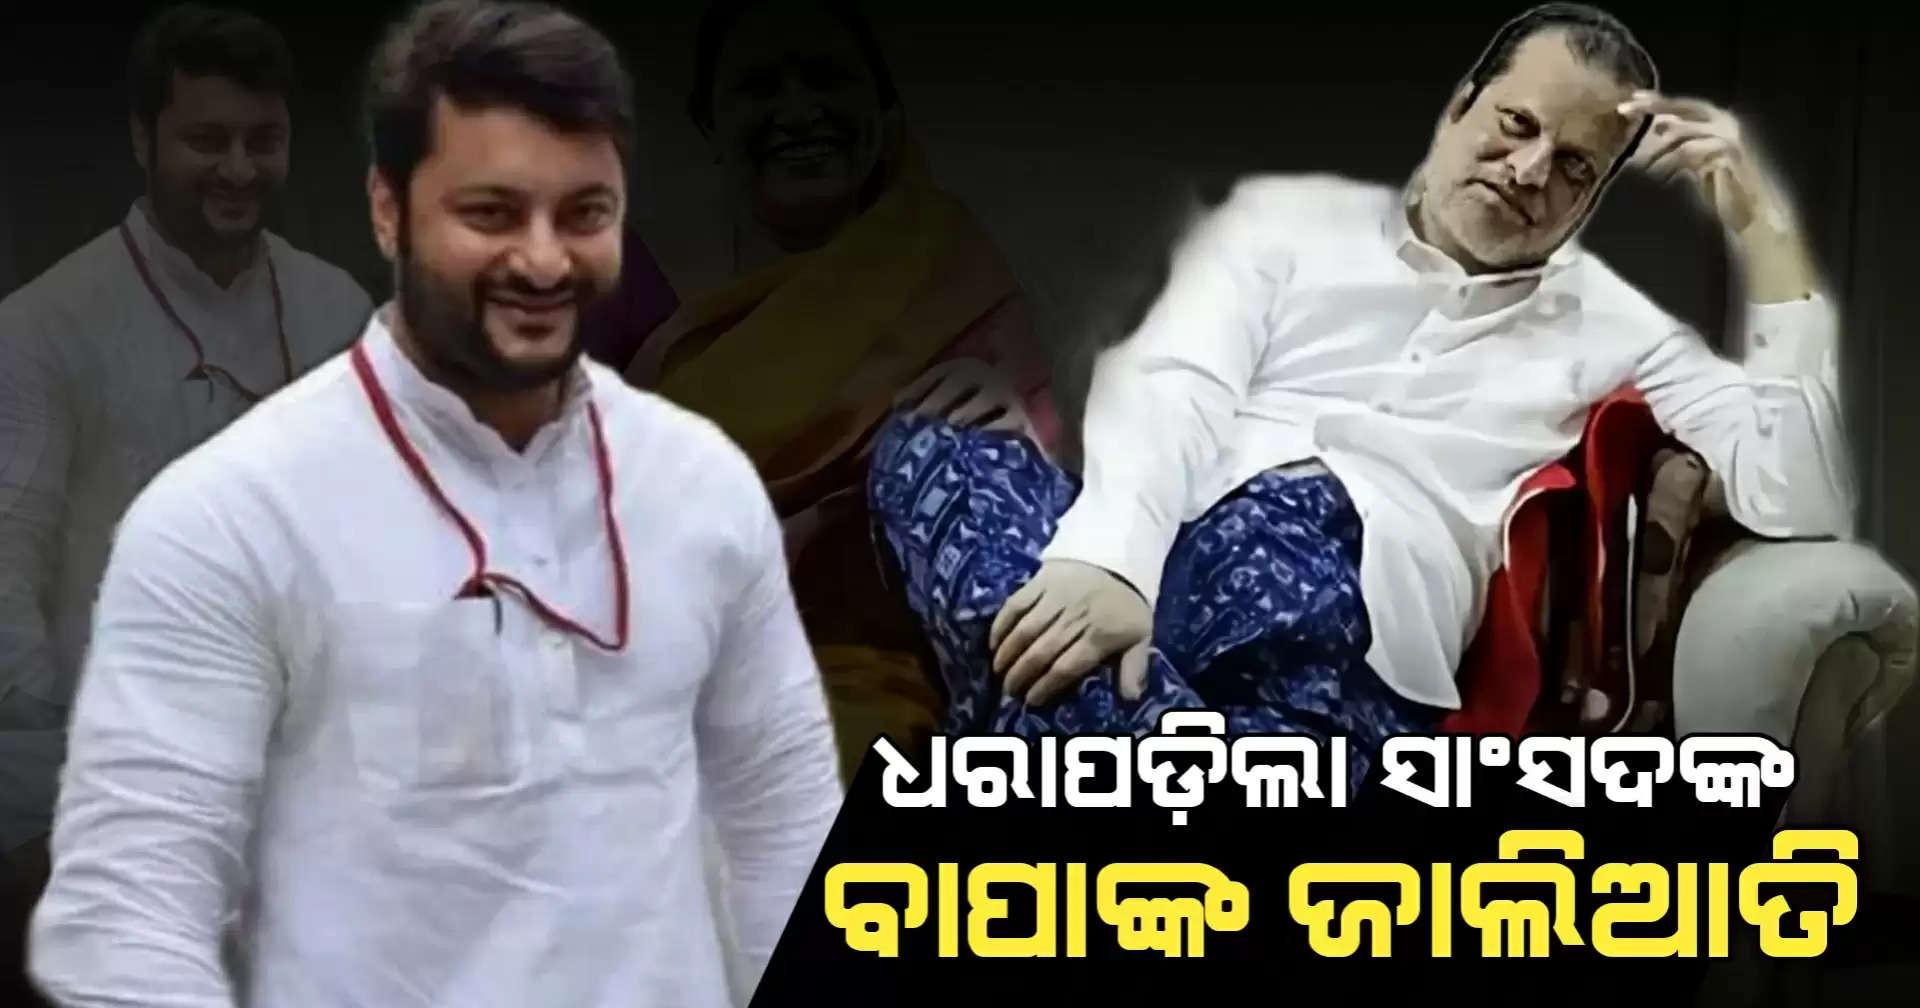 Anubhav bapa